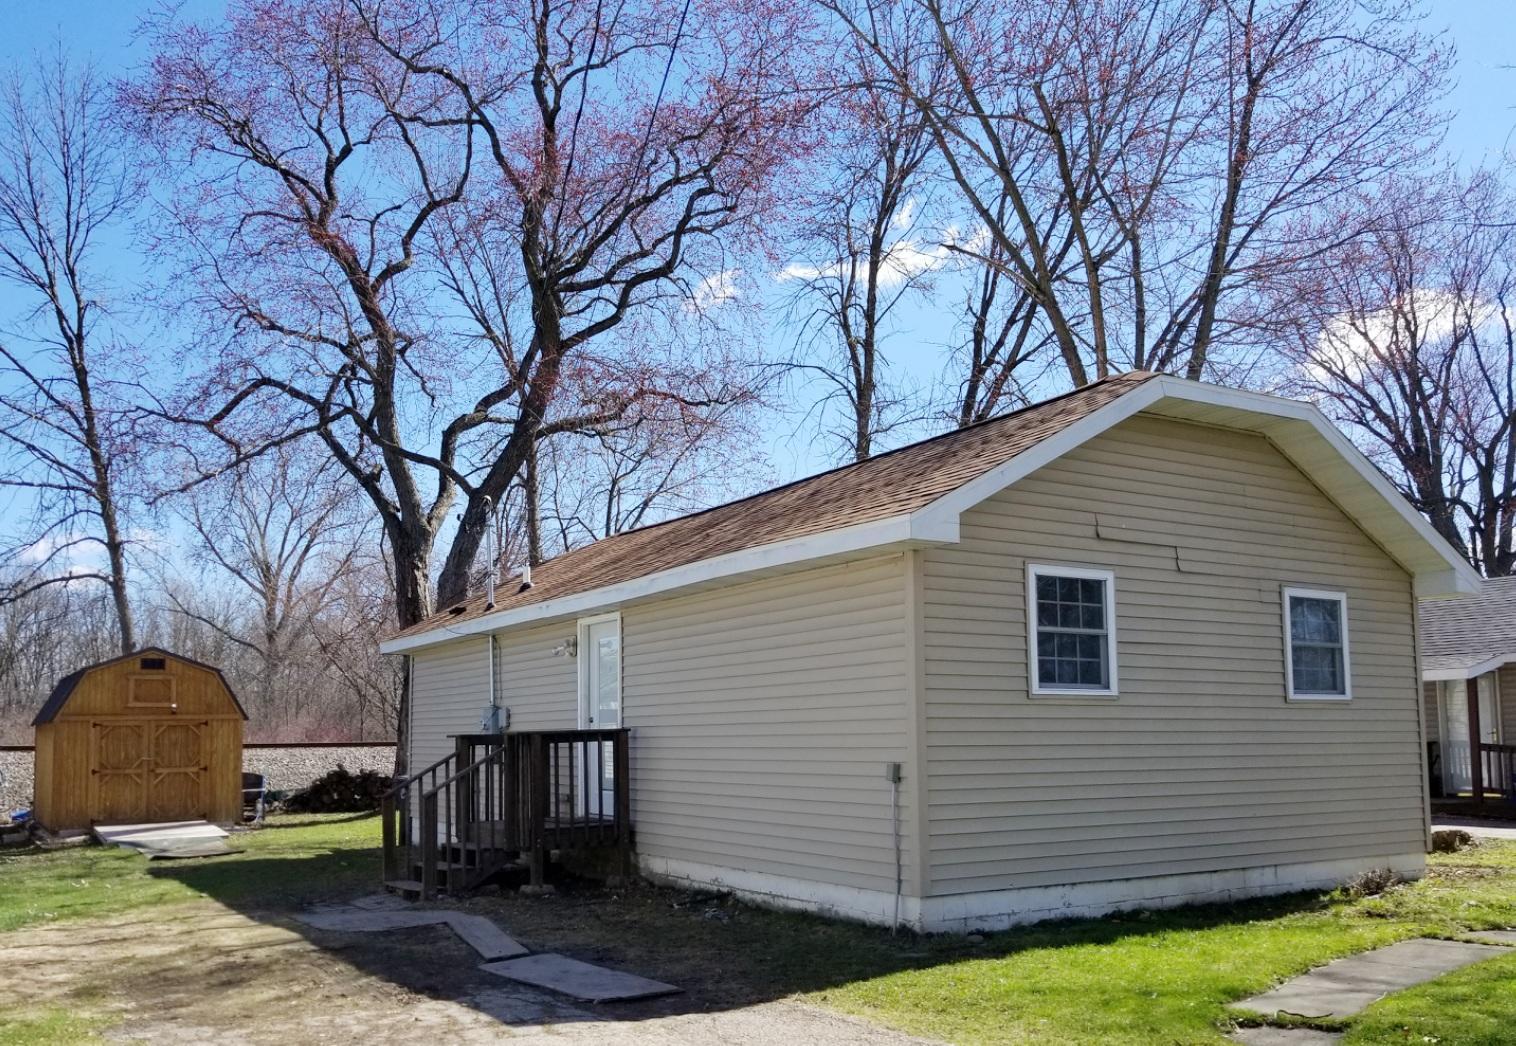 7541 Shorewood Dr Salem, WI 53168 Property Image